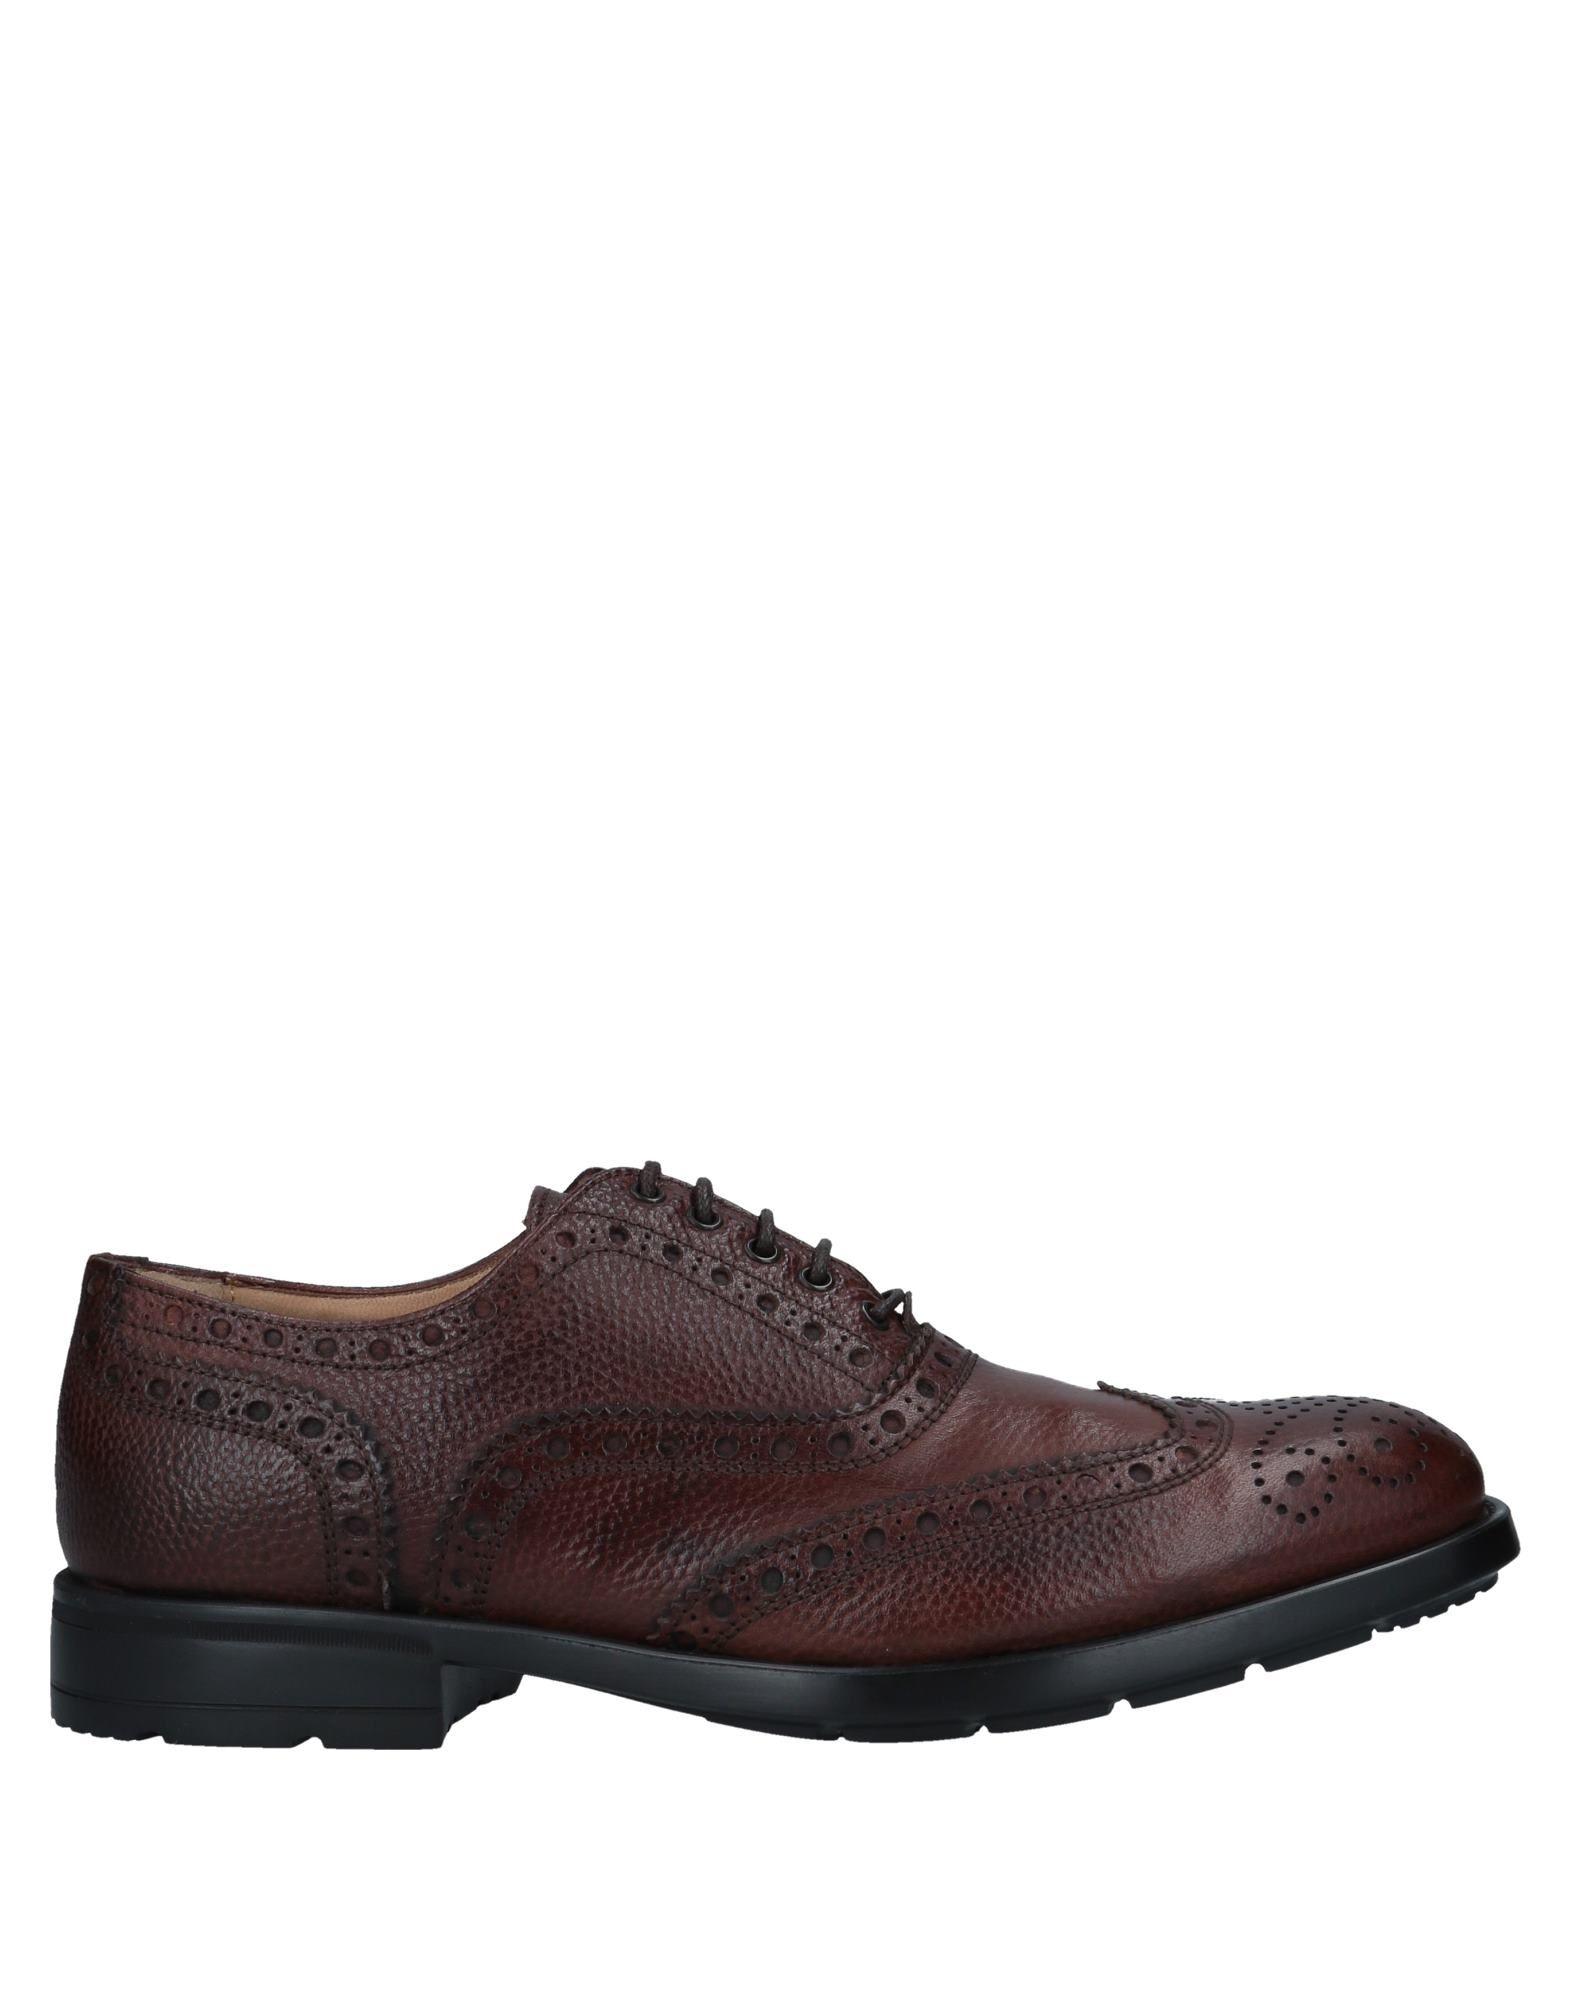 Baldinini Schnürschuhe Herren  11554119BS Schuhe Gute Qualität beliebte Schuhe 11554119BS 23157d